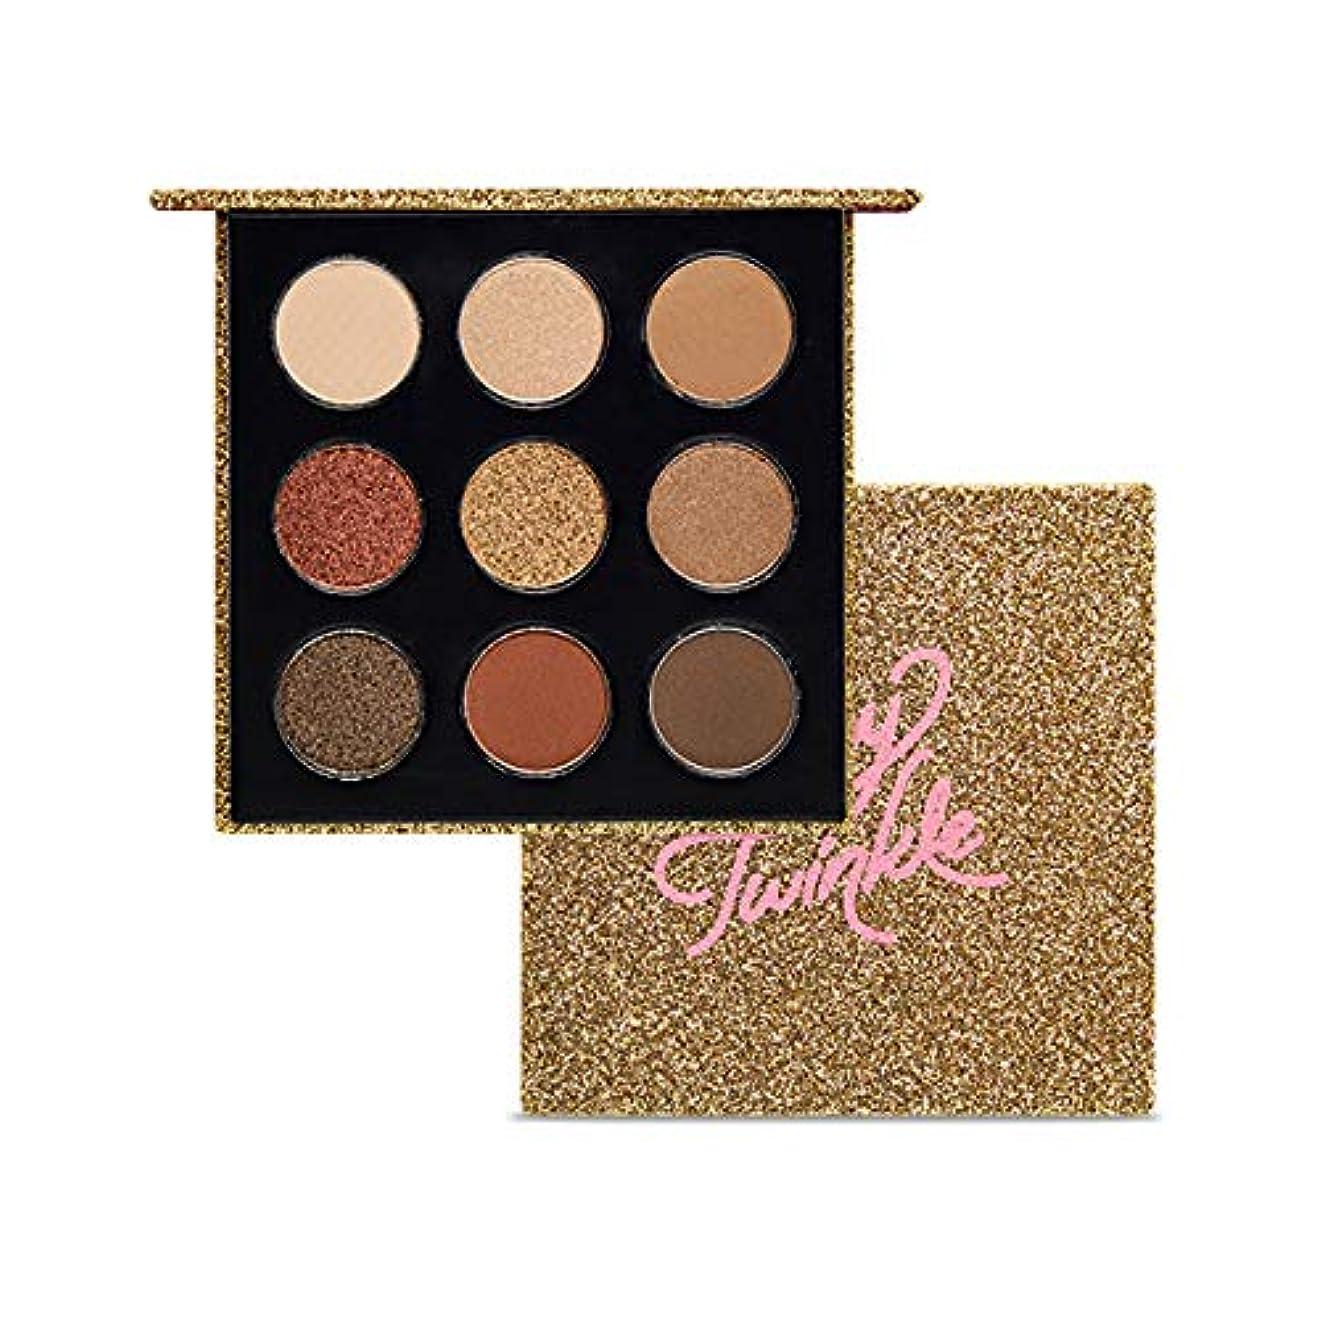 警報直感政策ETUDE HOUSE 【Holiday】 Tiny Twinkle Color Eyes #02 Golden Bronze Ornament エチュードハウス タイニー トゥインクル カラー アイズ #02 ゴールデンブロンズ [並行輸入品]